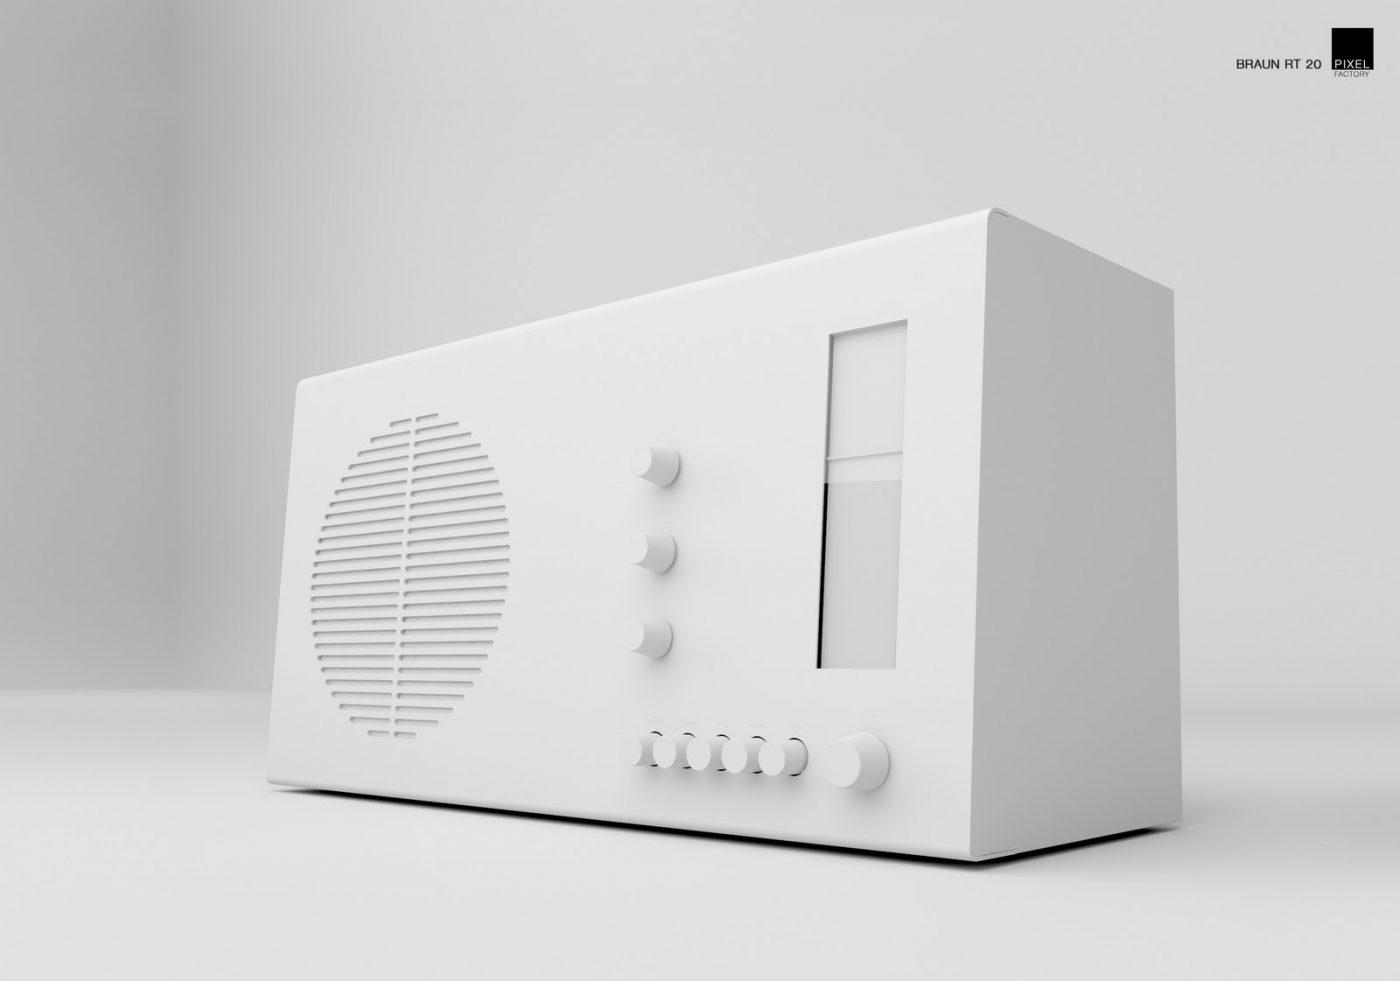 Dieter Rams, radio, Braun